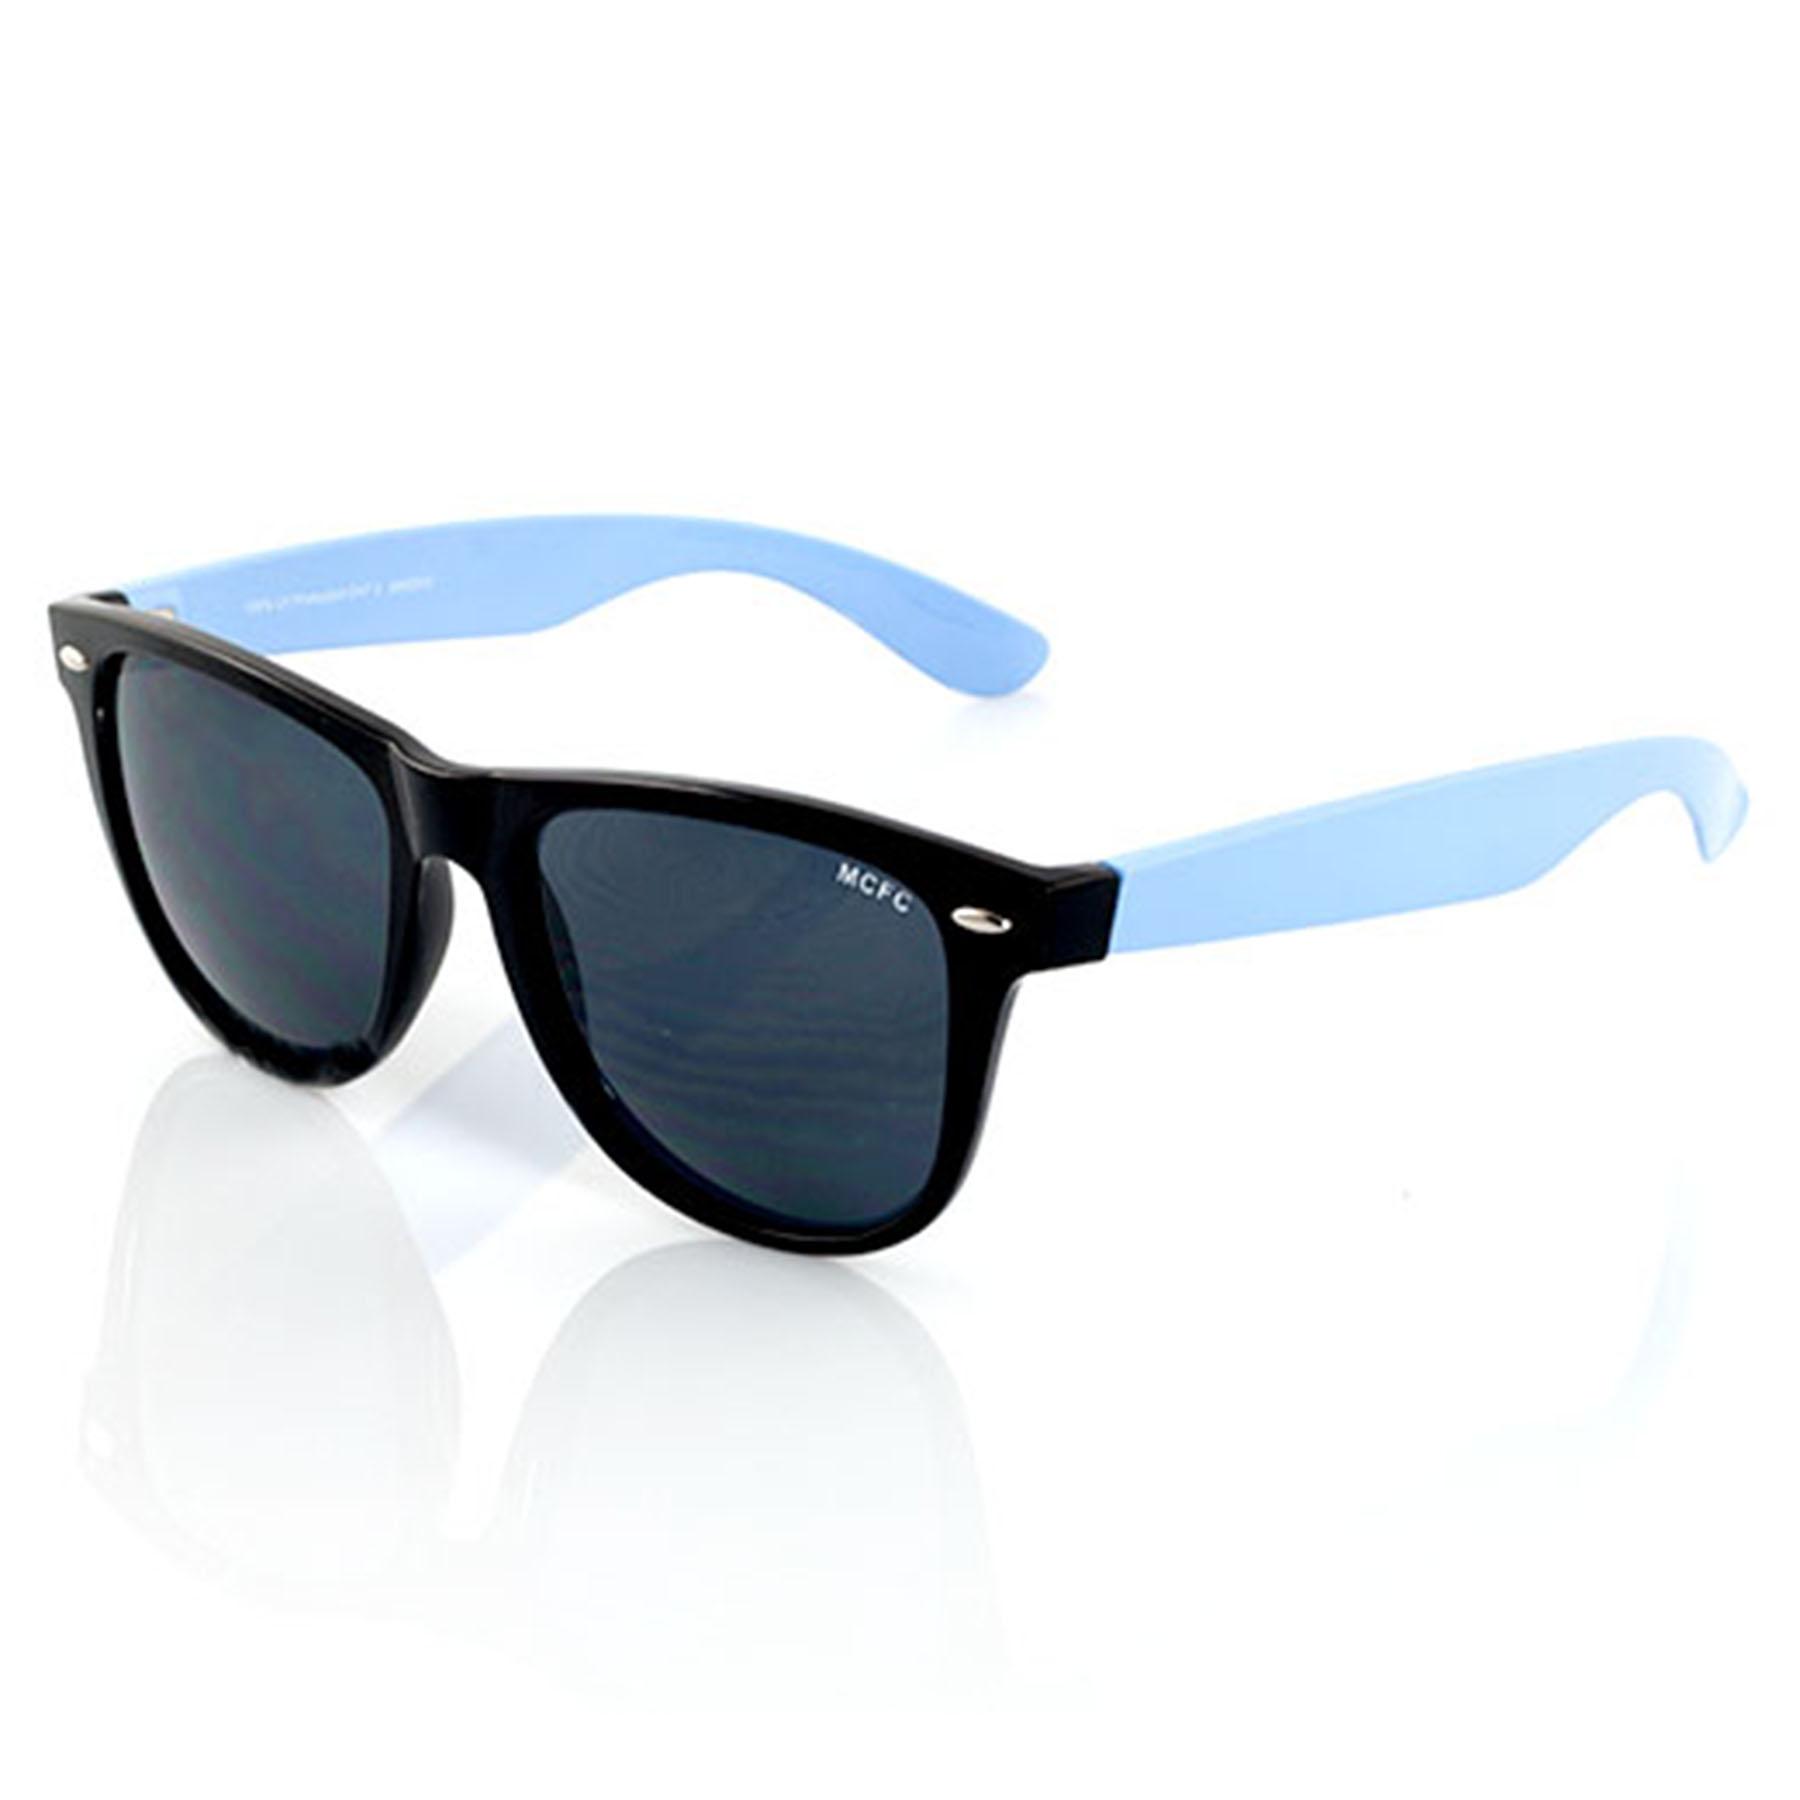 City Sunglasses || Click here for the full range range of City sunglasses